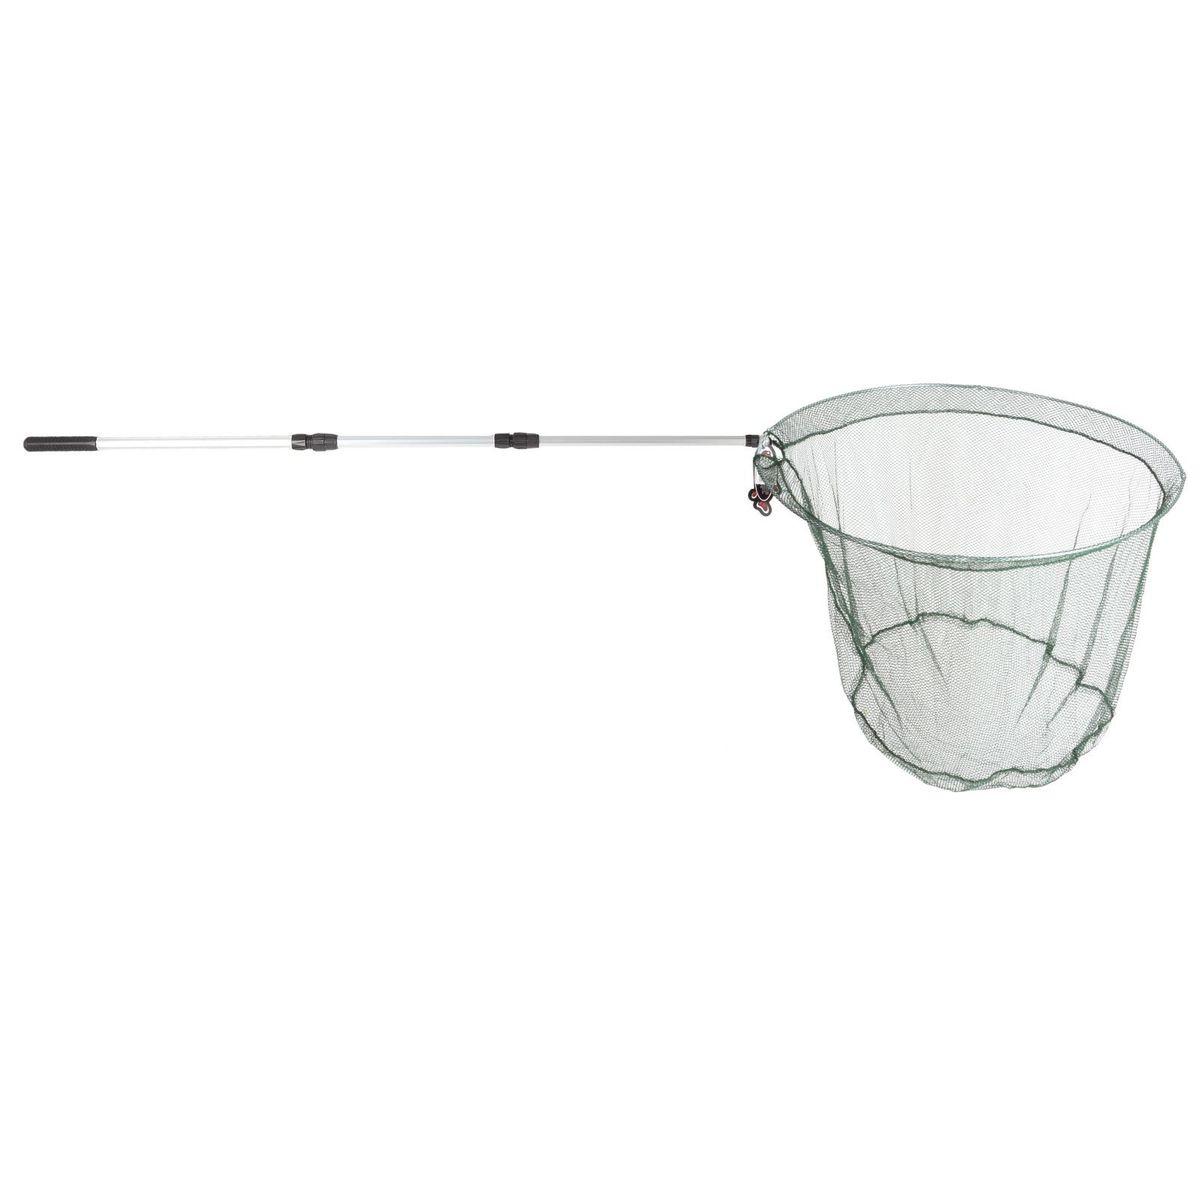 Подсачник рыболовный Onlitop, складной, диаметр 60 см, длина ручки 1,5 м1233148Подсачник рыболовный, складной d=60 см, алюминиевая ручка 1,5 м , имеет мелкую сетку. Это позволяет более бережно доставать рыбу, не нанося вреда её чешуе.